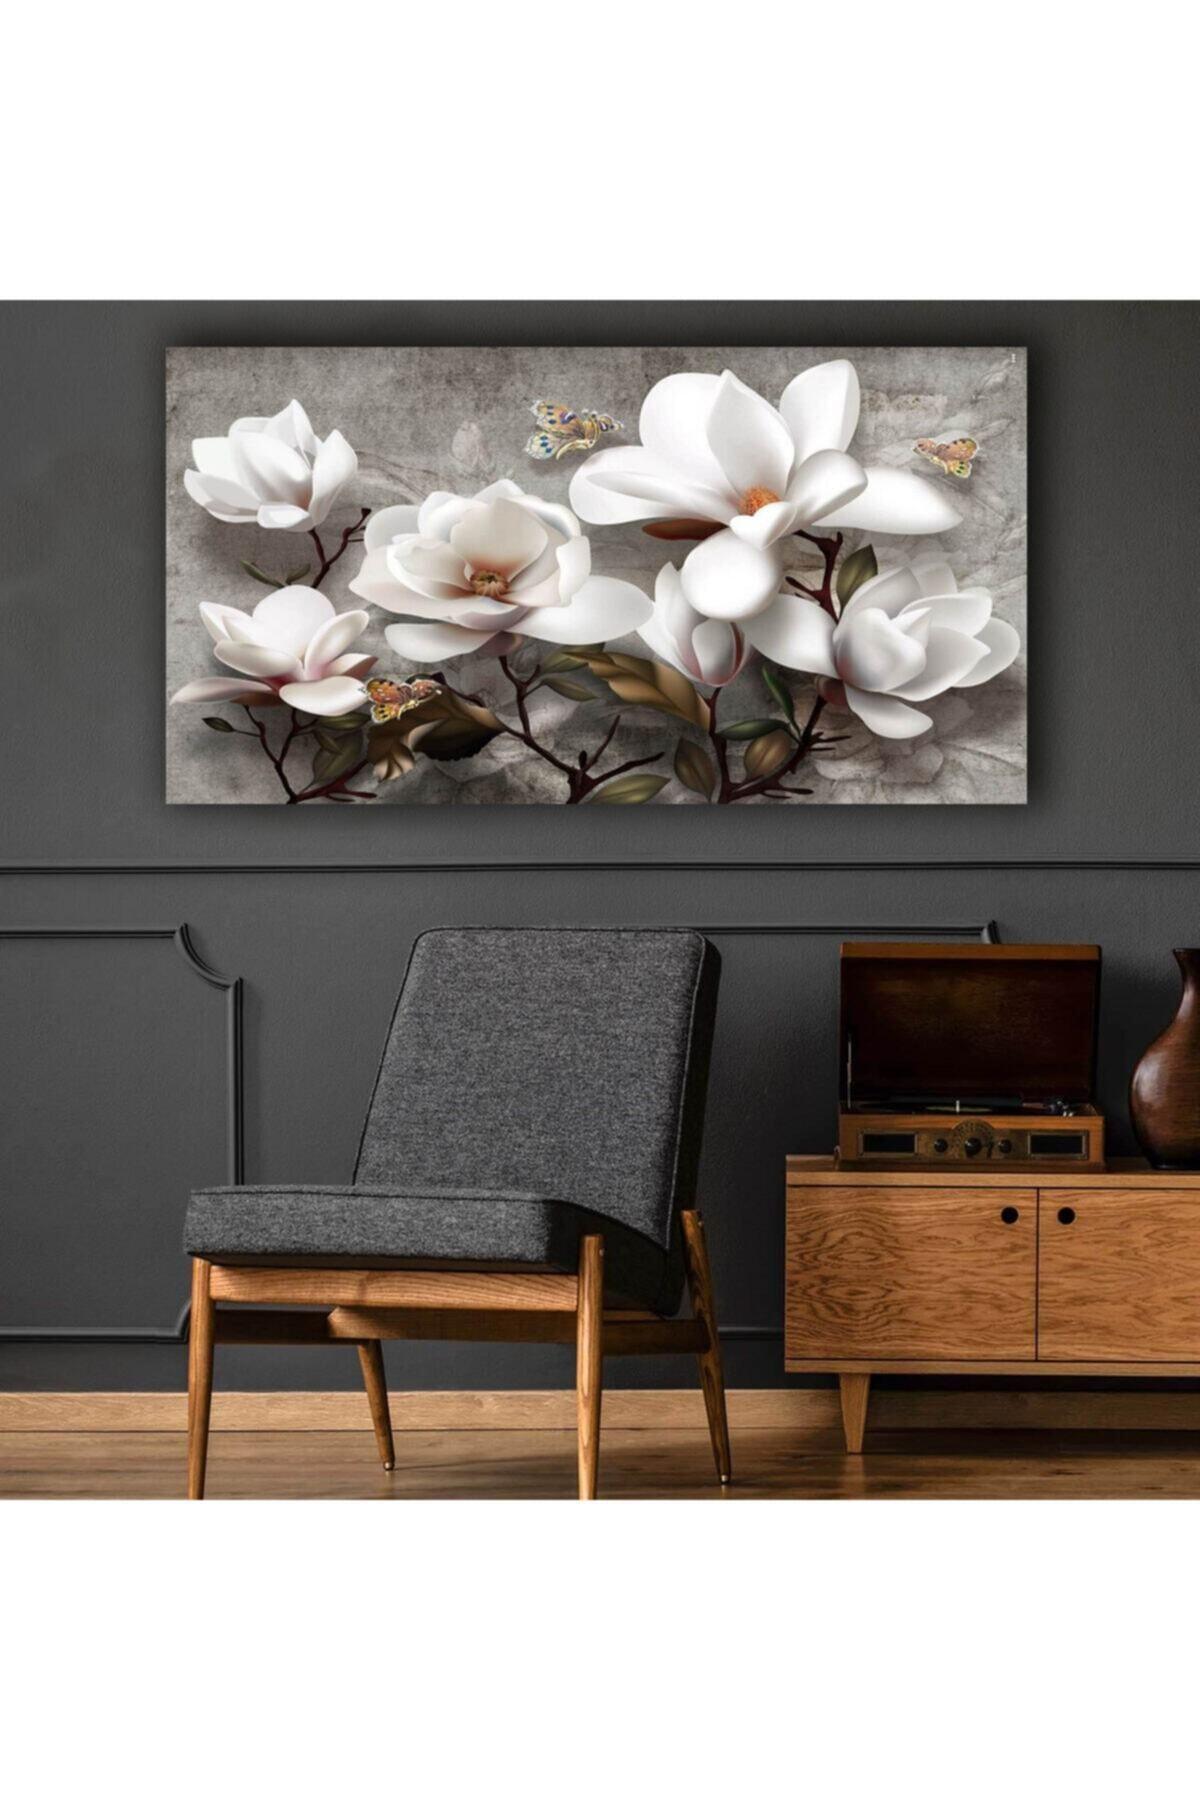 Seİs Tablo Beyaz Çiçekler Modern Kanvas Tablo 120x70 1